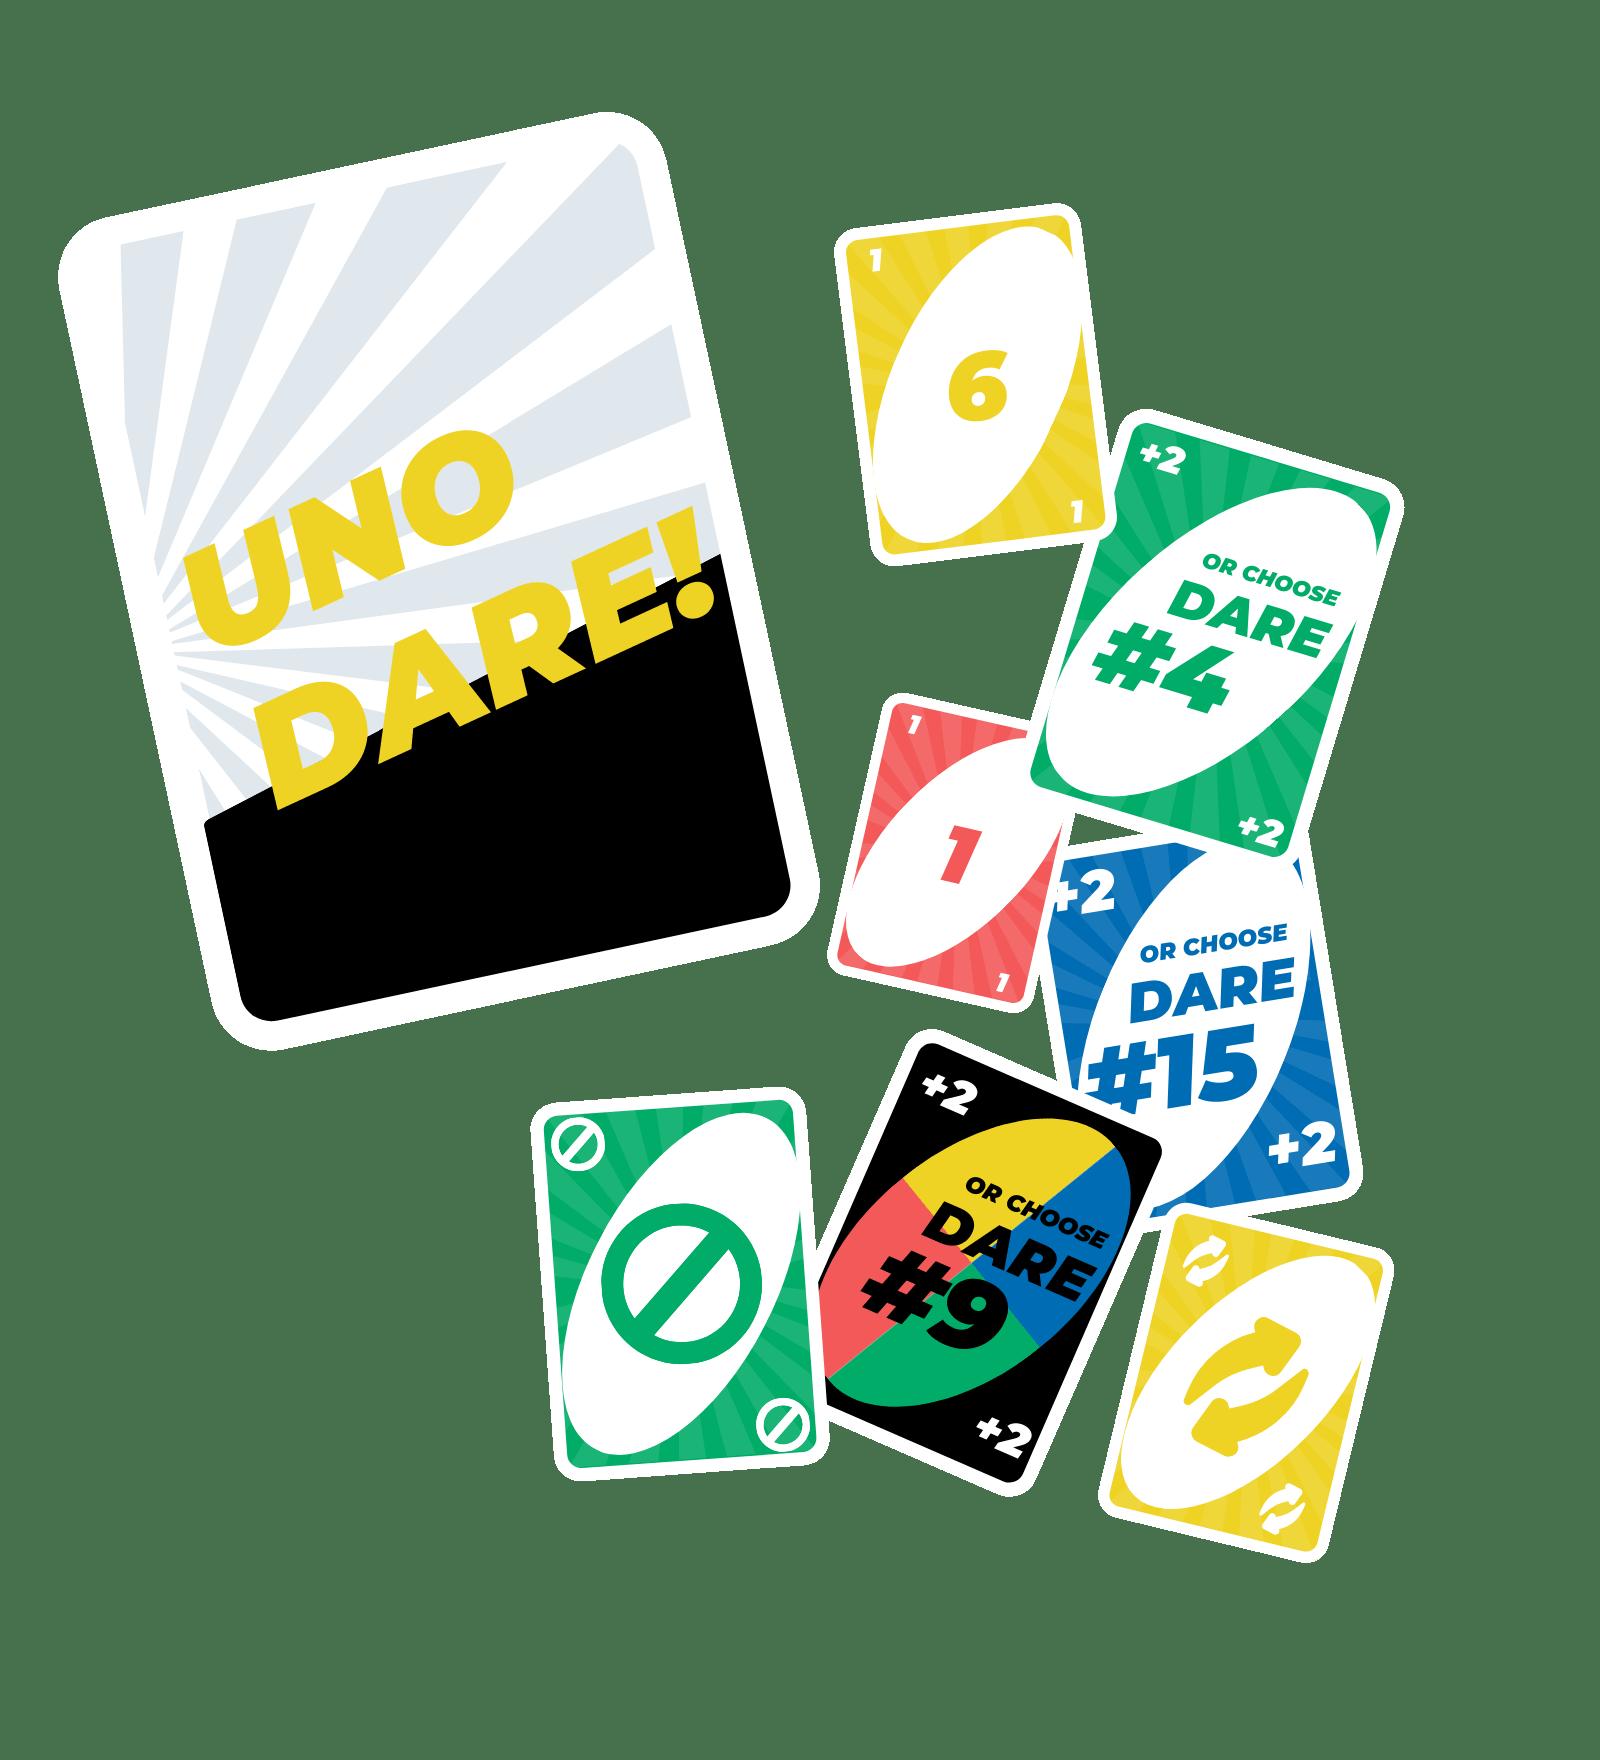 Uno Dare